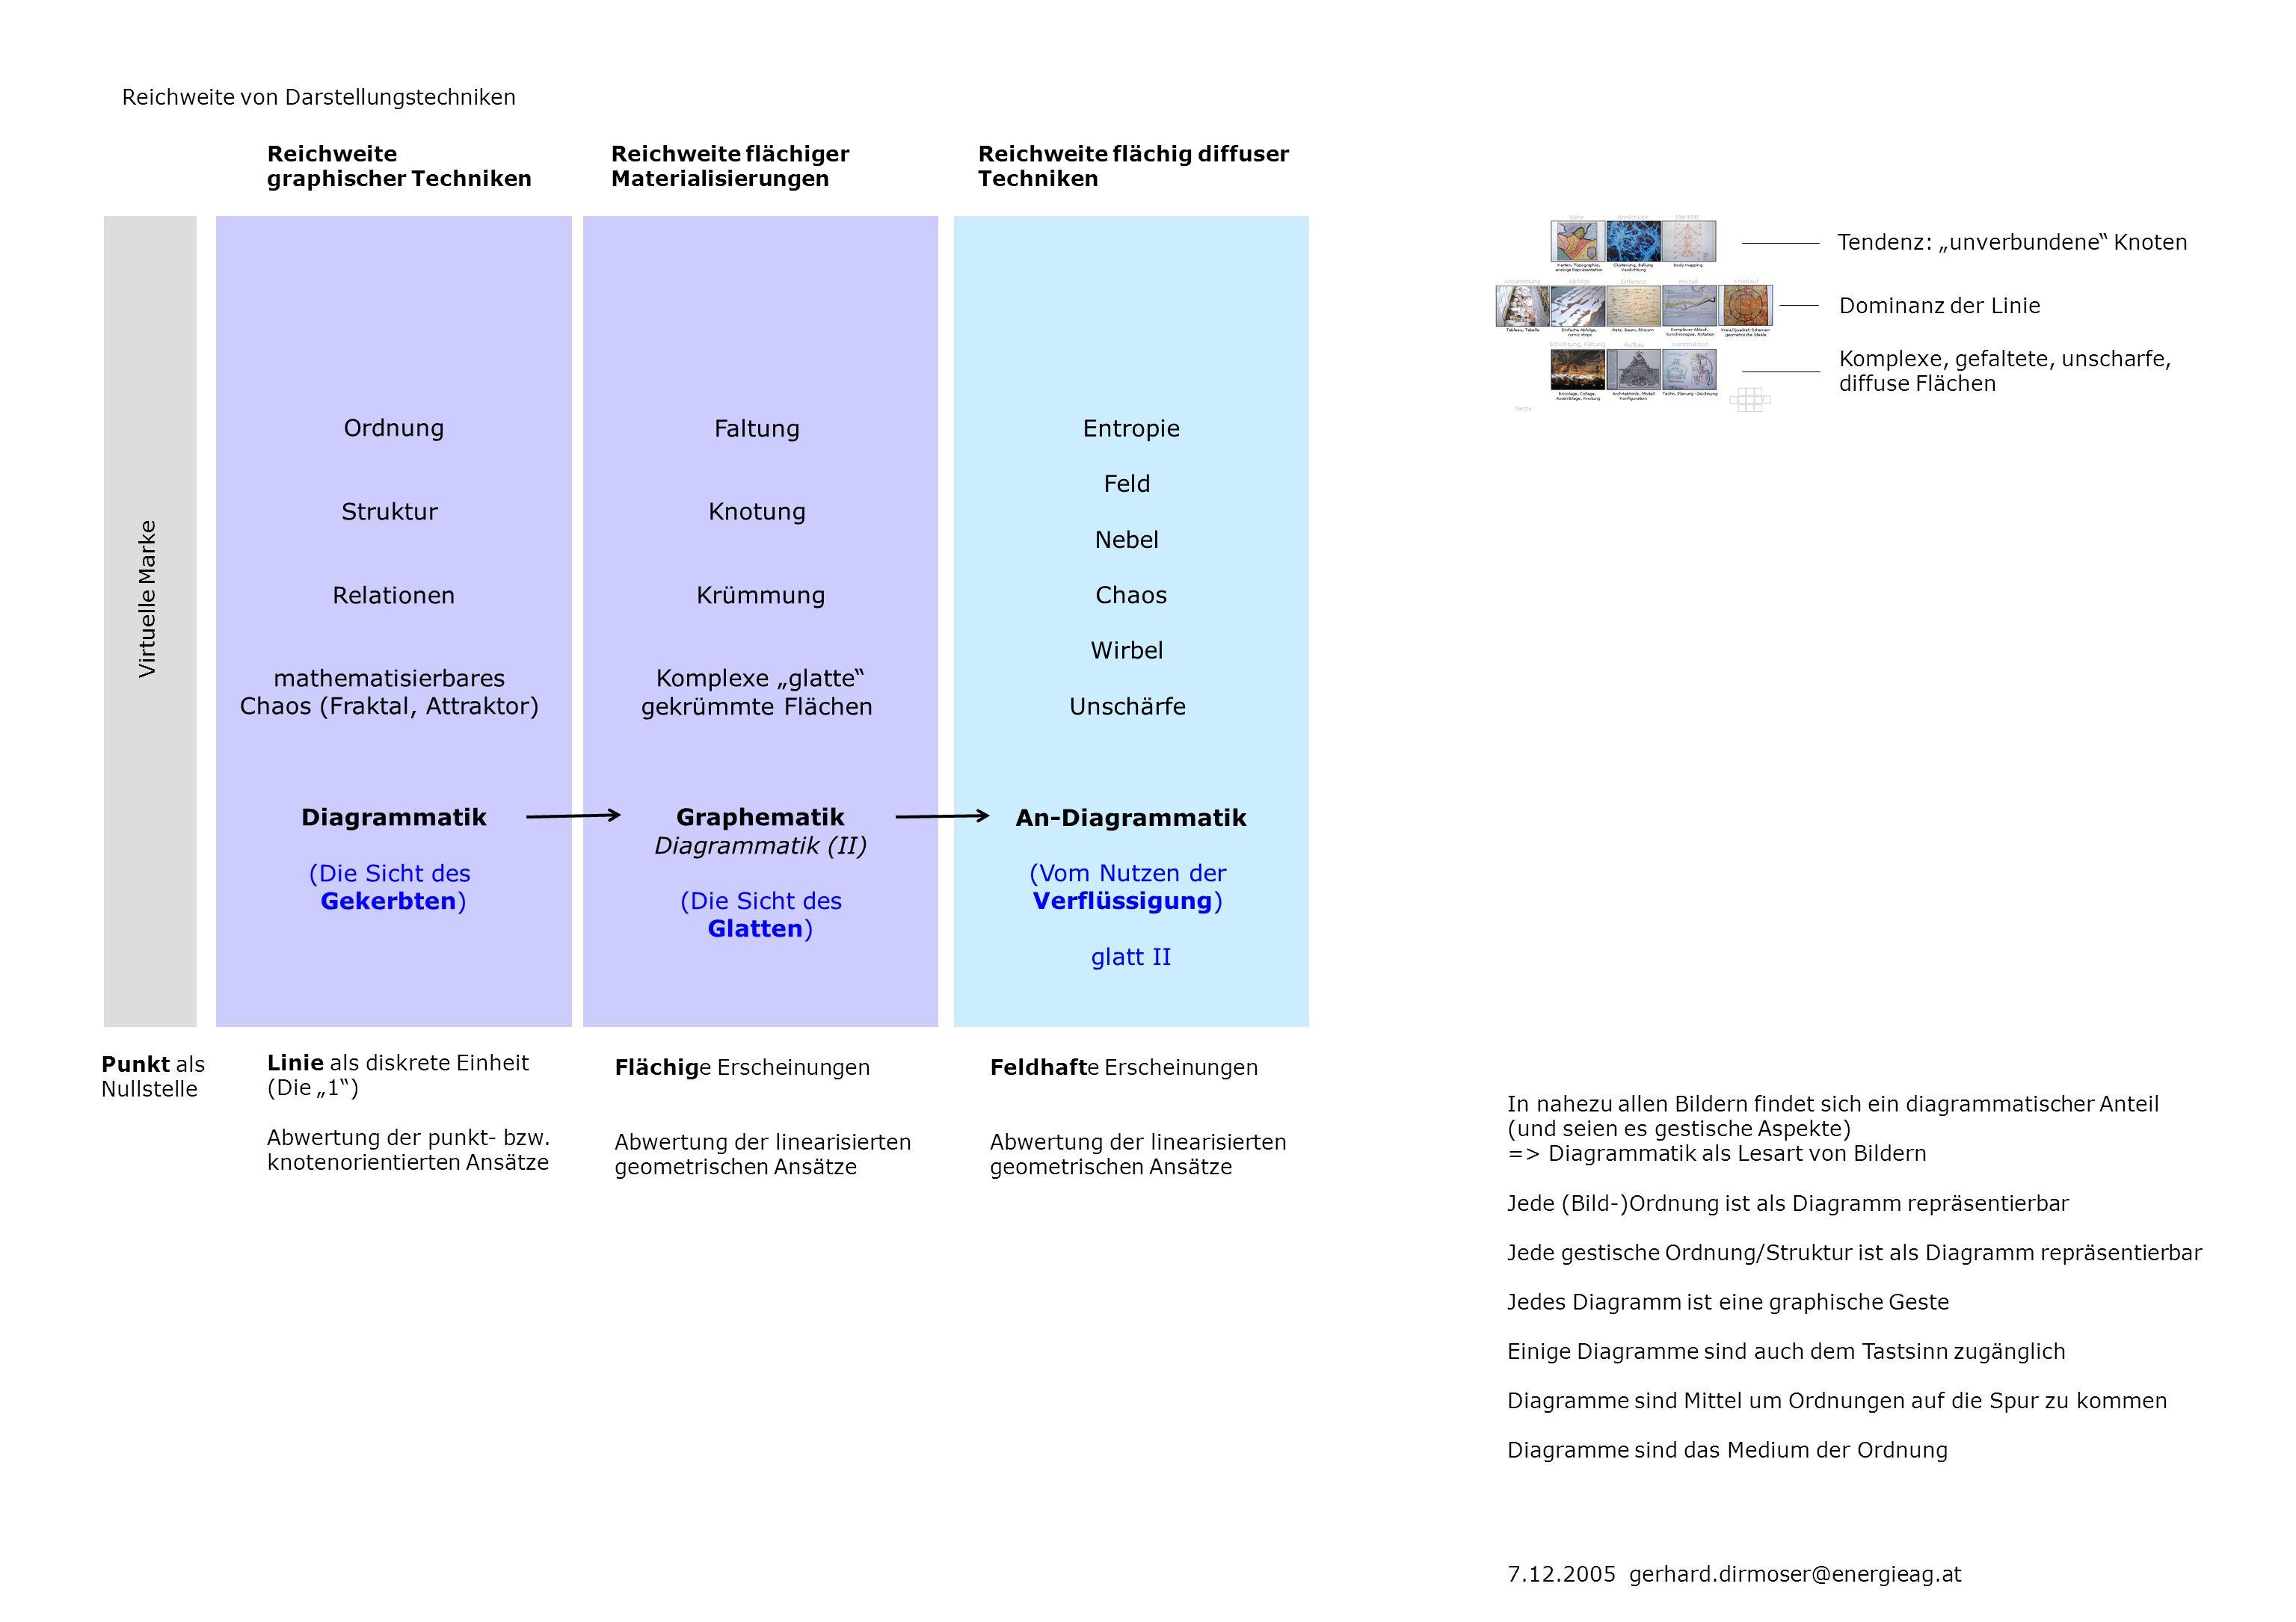 projizieren orientieren ausrichten verlängern verfolgen verschieben schneiden schichten überlagern konstruieren werfen messen verbinden auflisten aufreihen anschließen zuordnen wiederholen sortieren verketten überschneiden verzweigen verweben verflechten vernetzen abstützen zählen umfassen begrenzen annähern einteilen einordnen kombinieren aufbauen aufrichten verschachteln fließen strömen winden ablaufen einwirken rückwirken verzweigen einmünden abgrenzen trennen separieren bahnen falten verschieben verwerfen verwinden verknoten einrollen versammeln ballen ordnen trennen beinhalten umfangen rahmen klammern 8 gerhard.dirmoser@energieag.at 11.2005